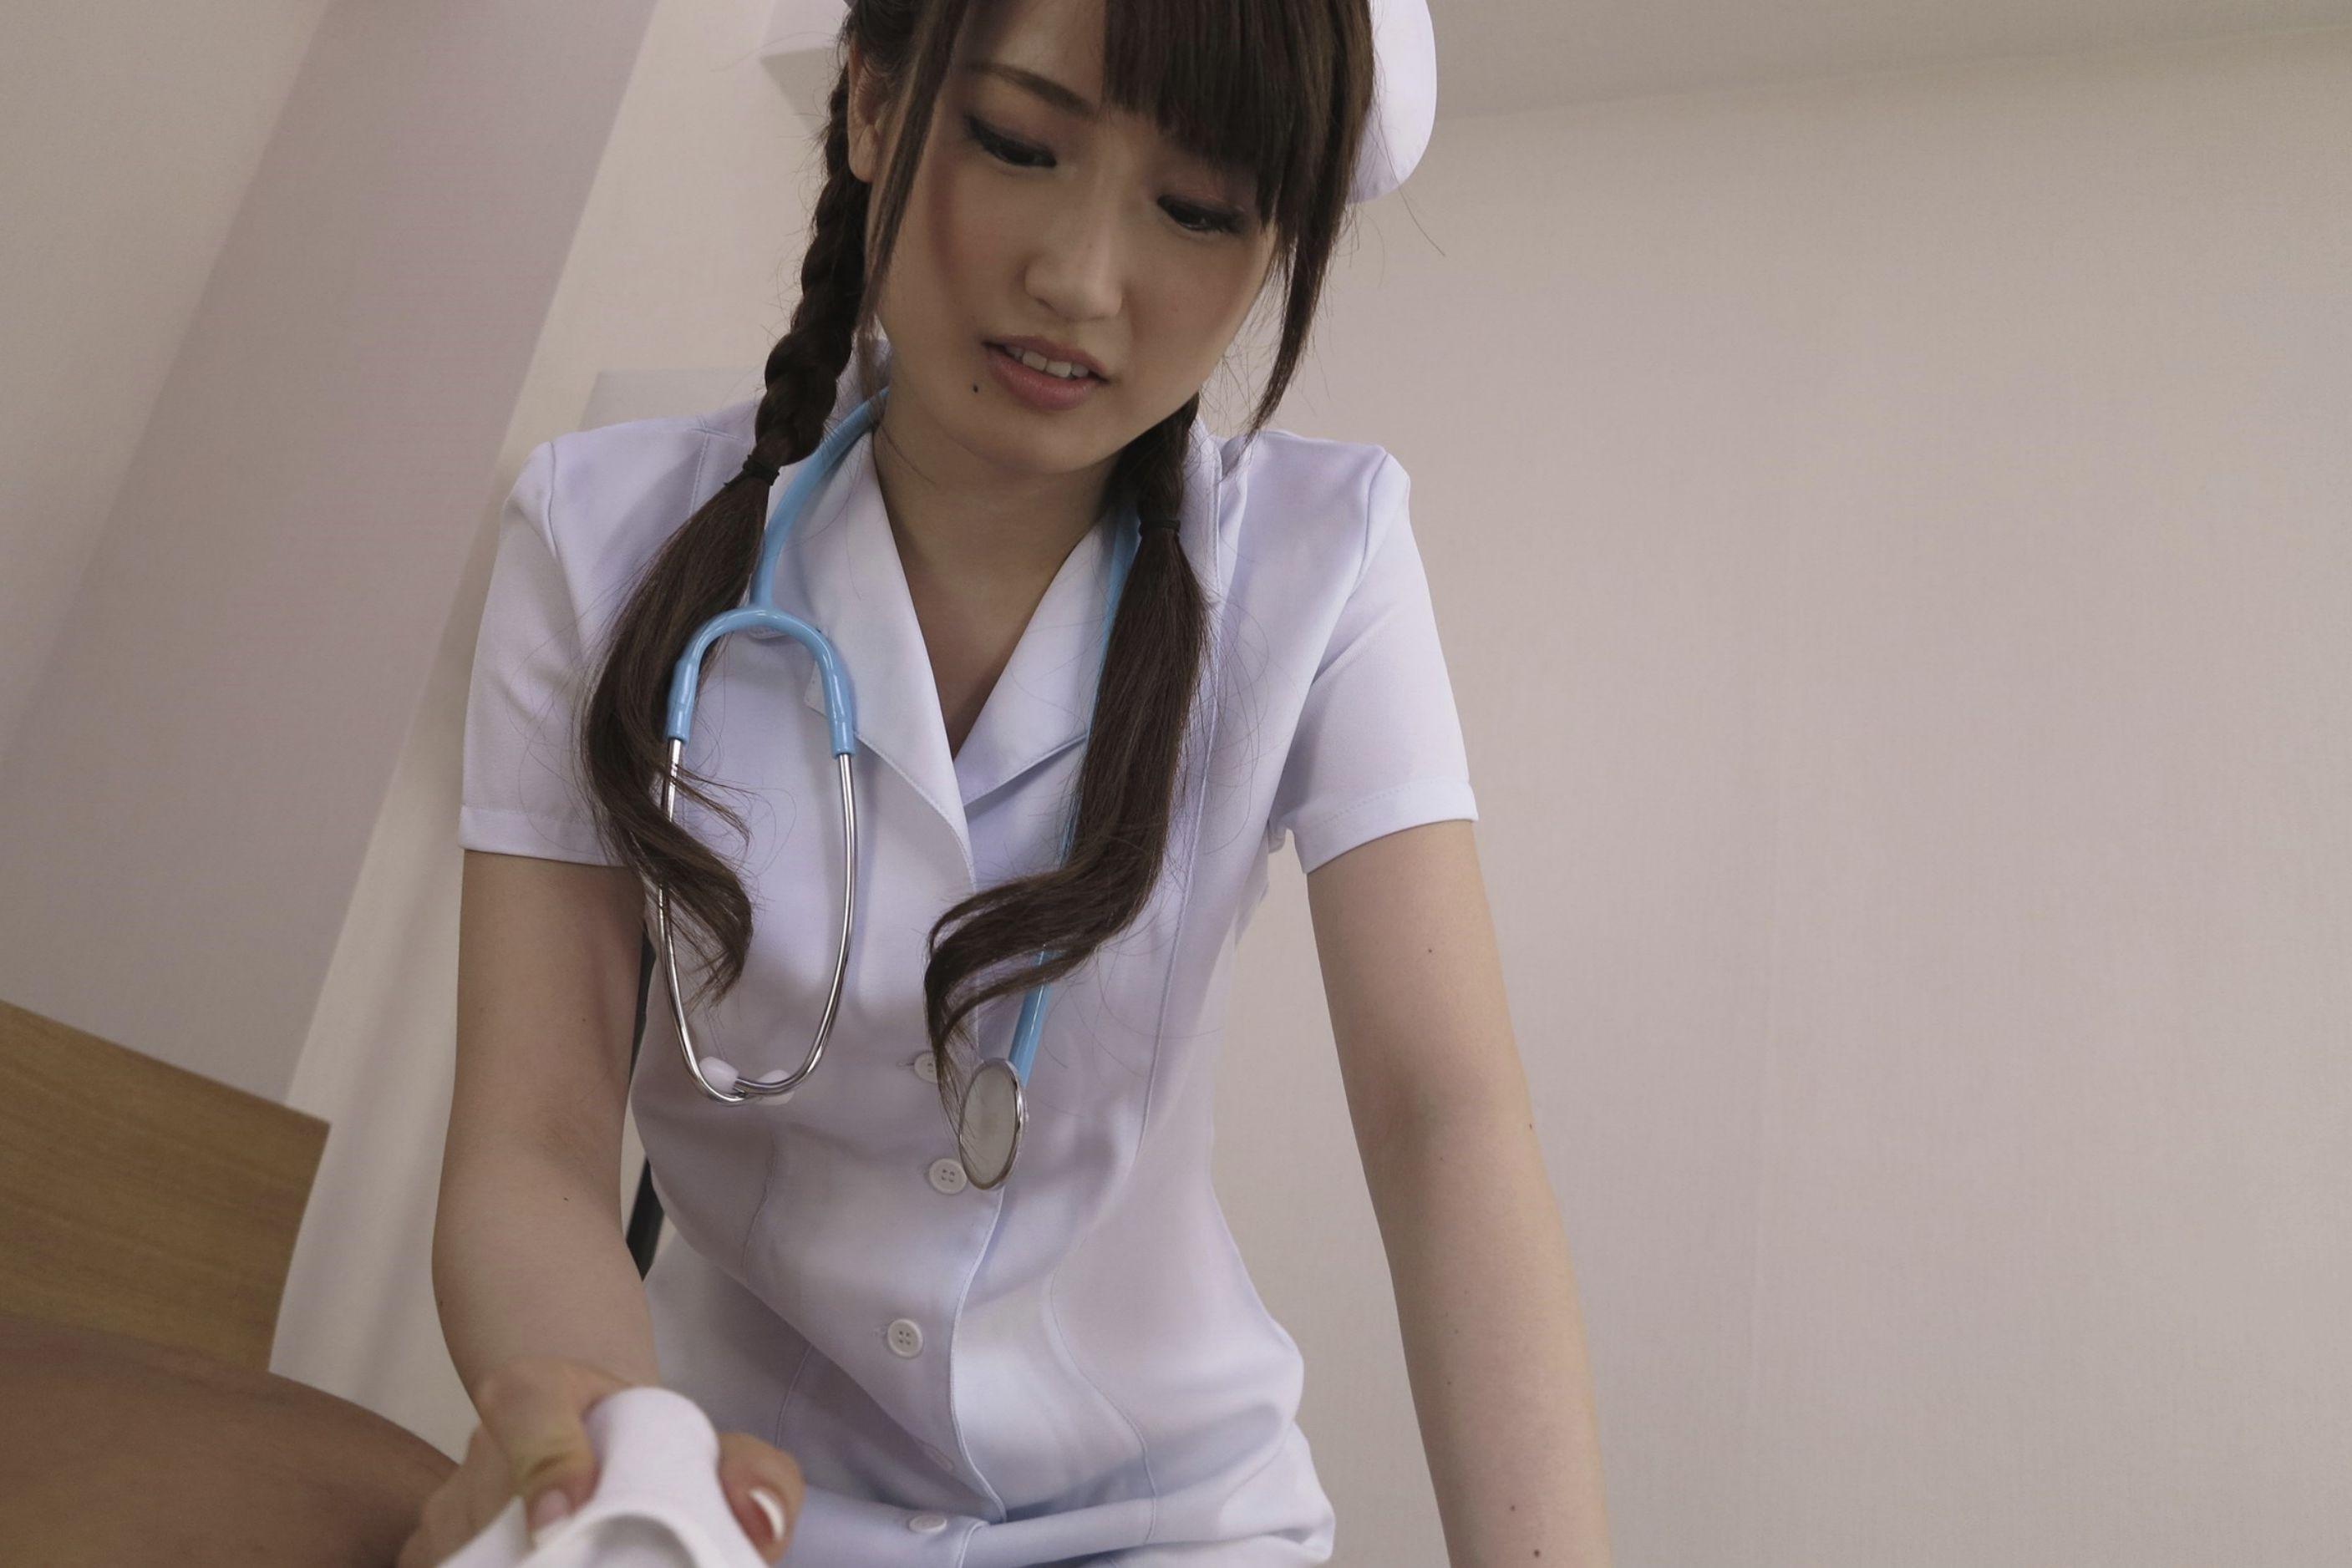 痴女覚醒エッチ 愛沢かりん ishot-055